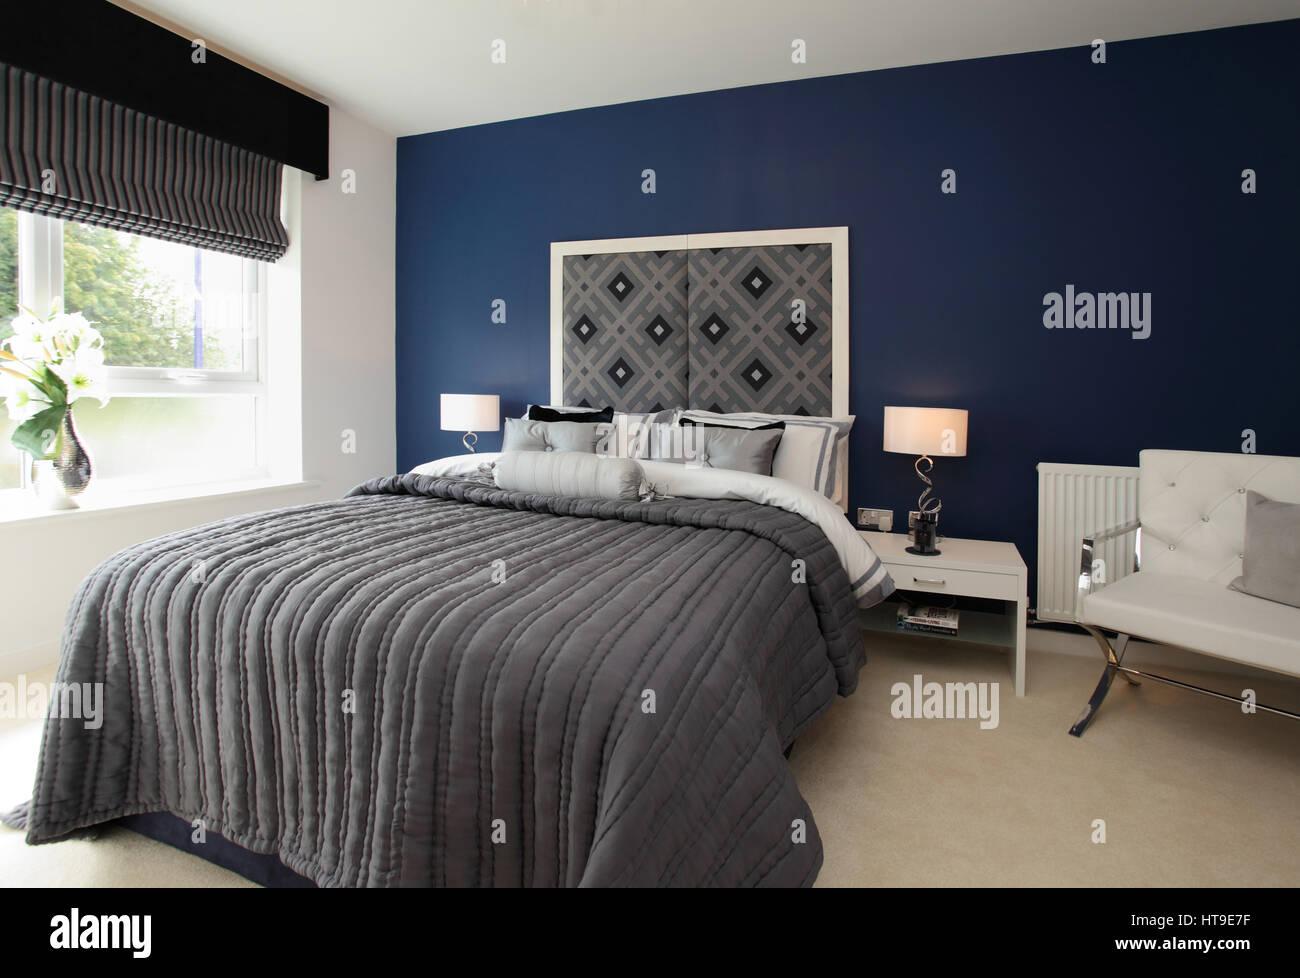 Home interno, camera da letto, blu, arredamento, copriletto ...